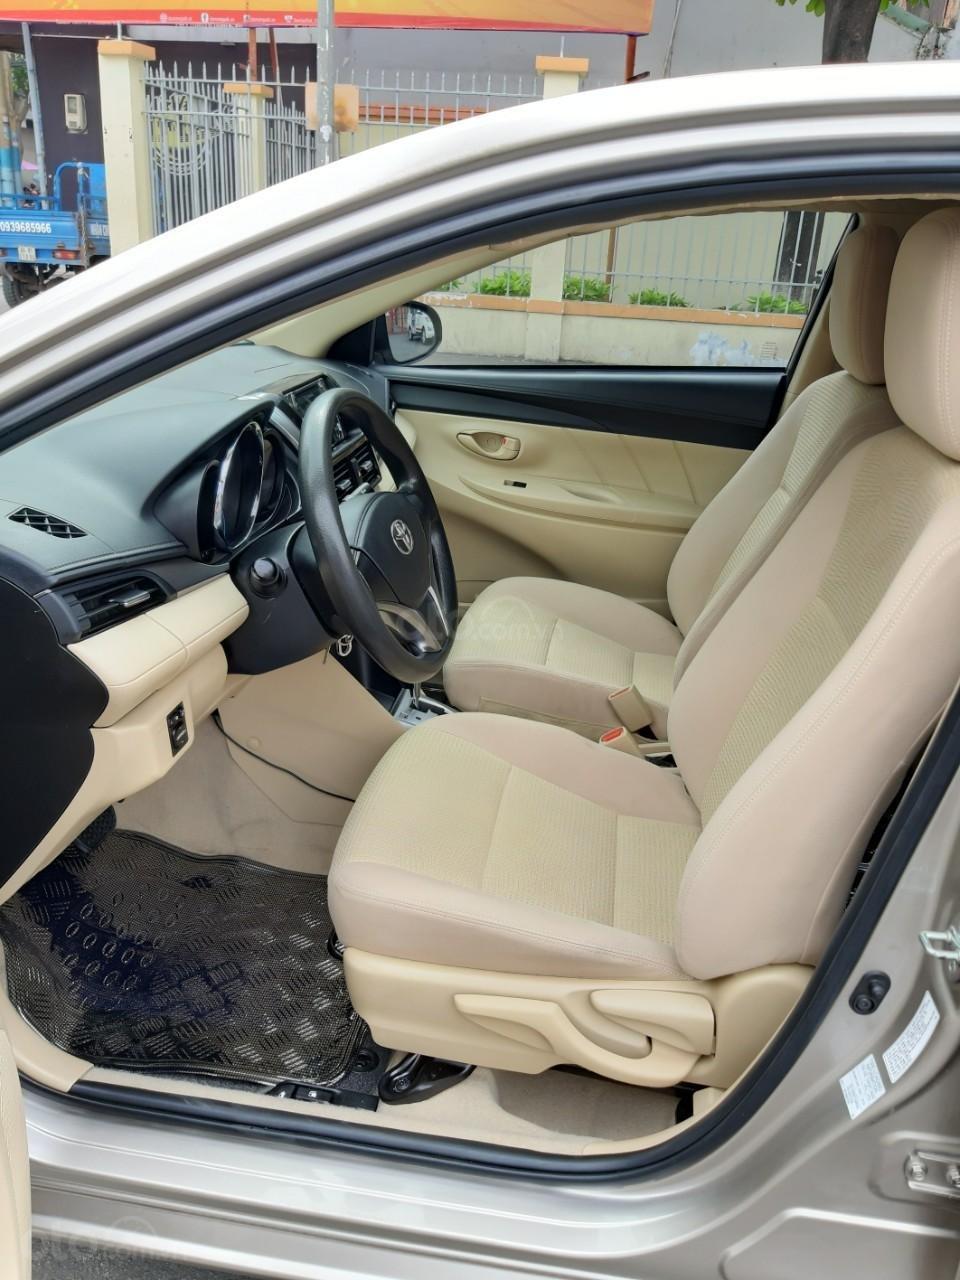 Bán xe Toyota Vios E model 2017, màu kem, nhập khẩu còn rất mới, giá 520tr-11